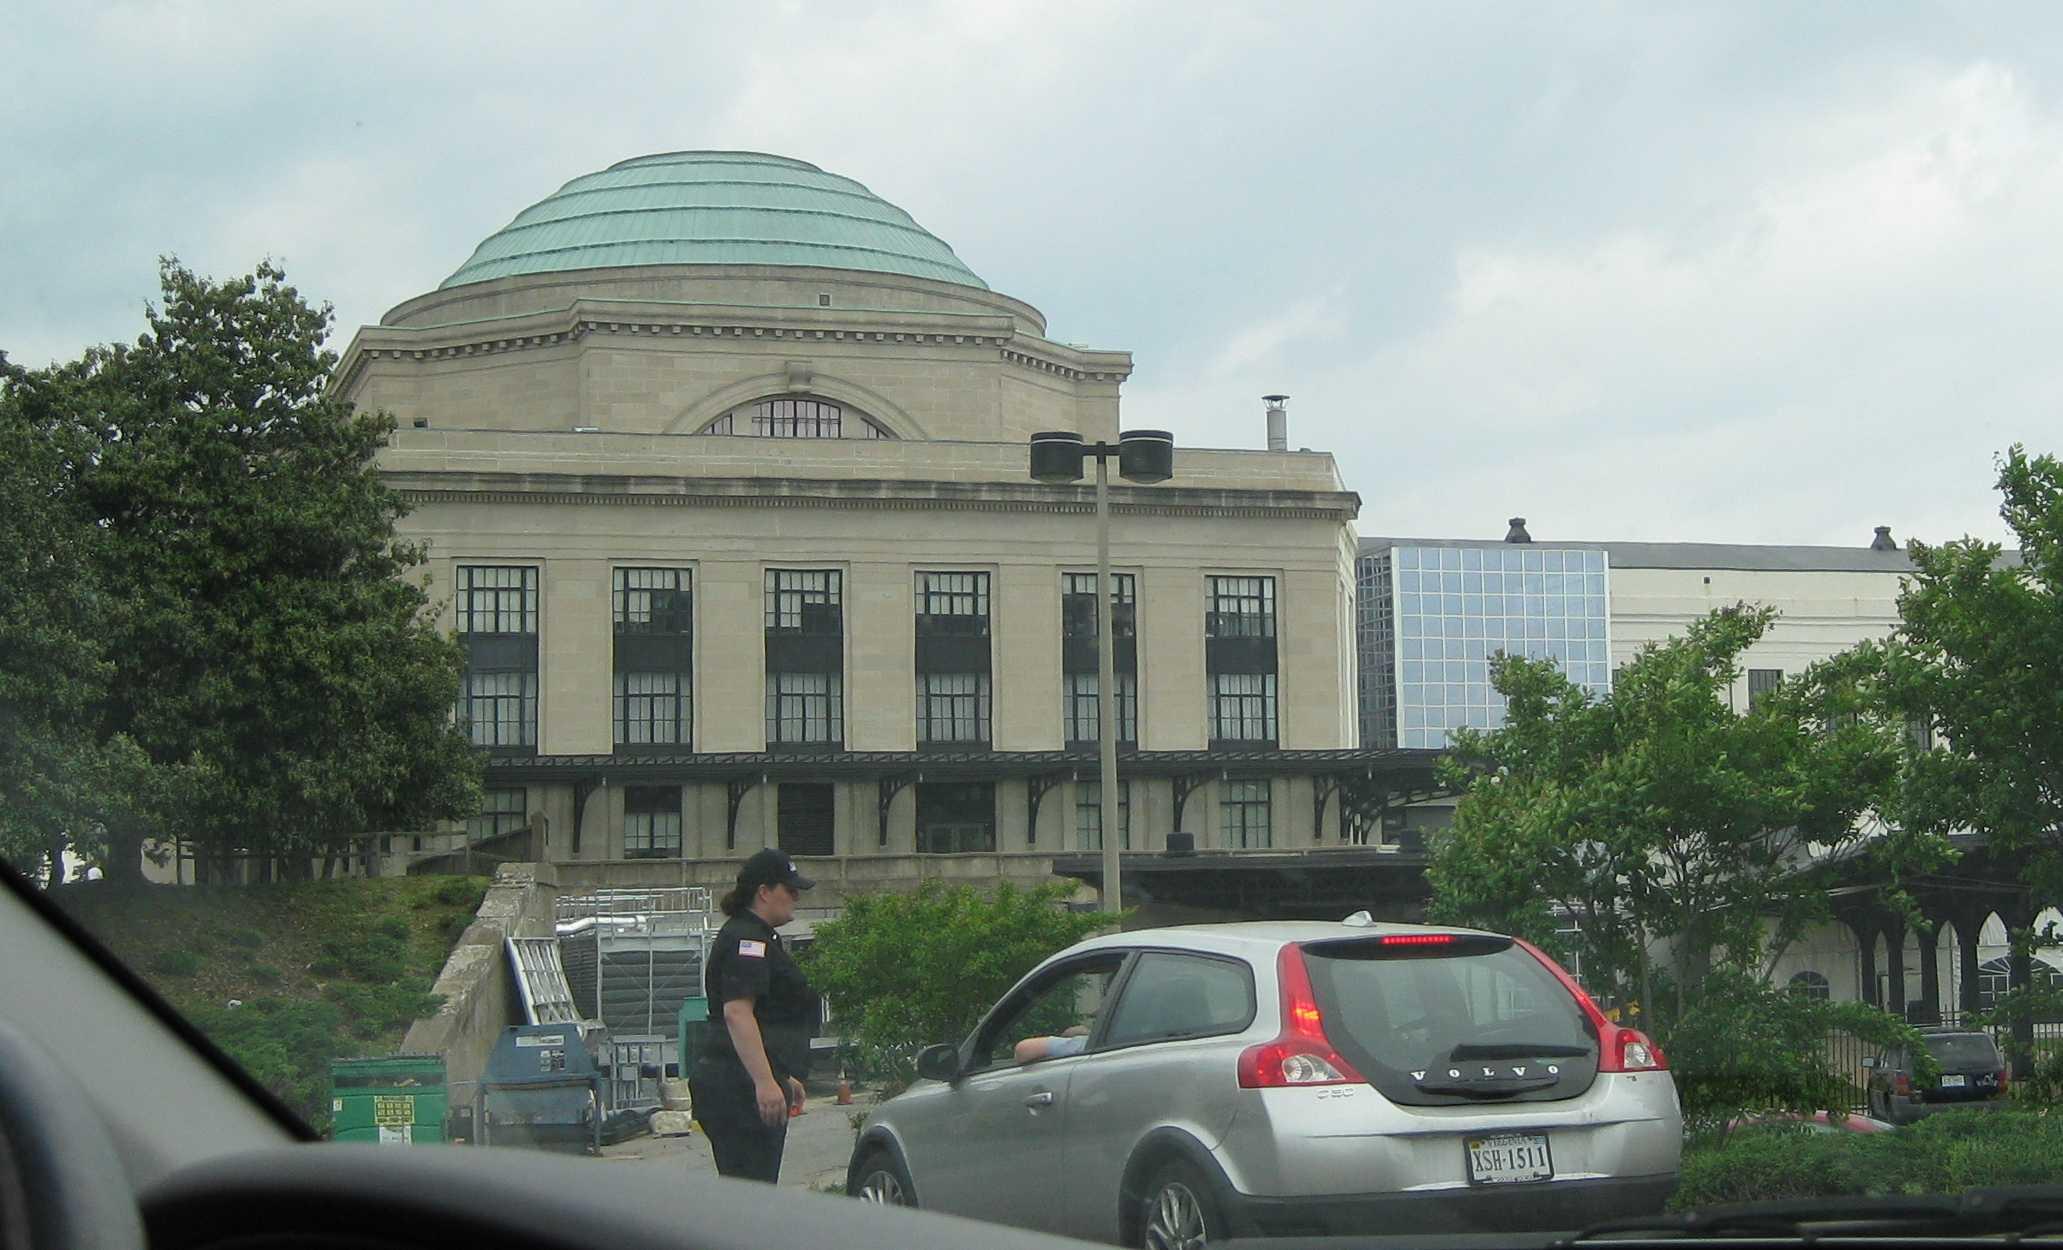 Science Museum of VA